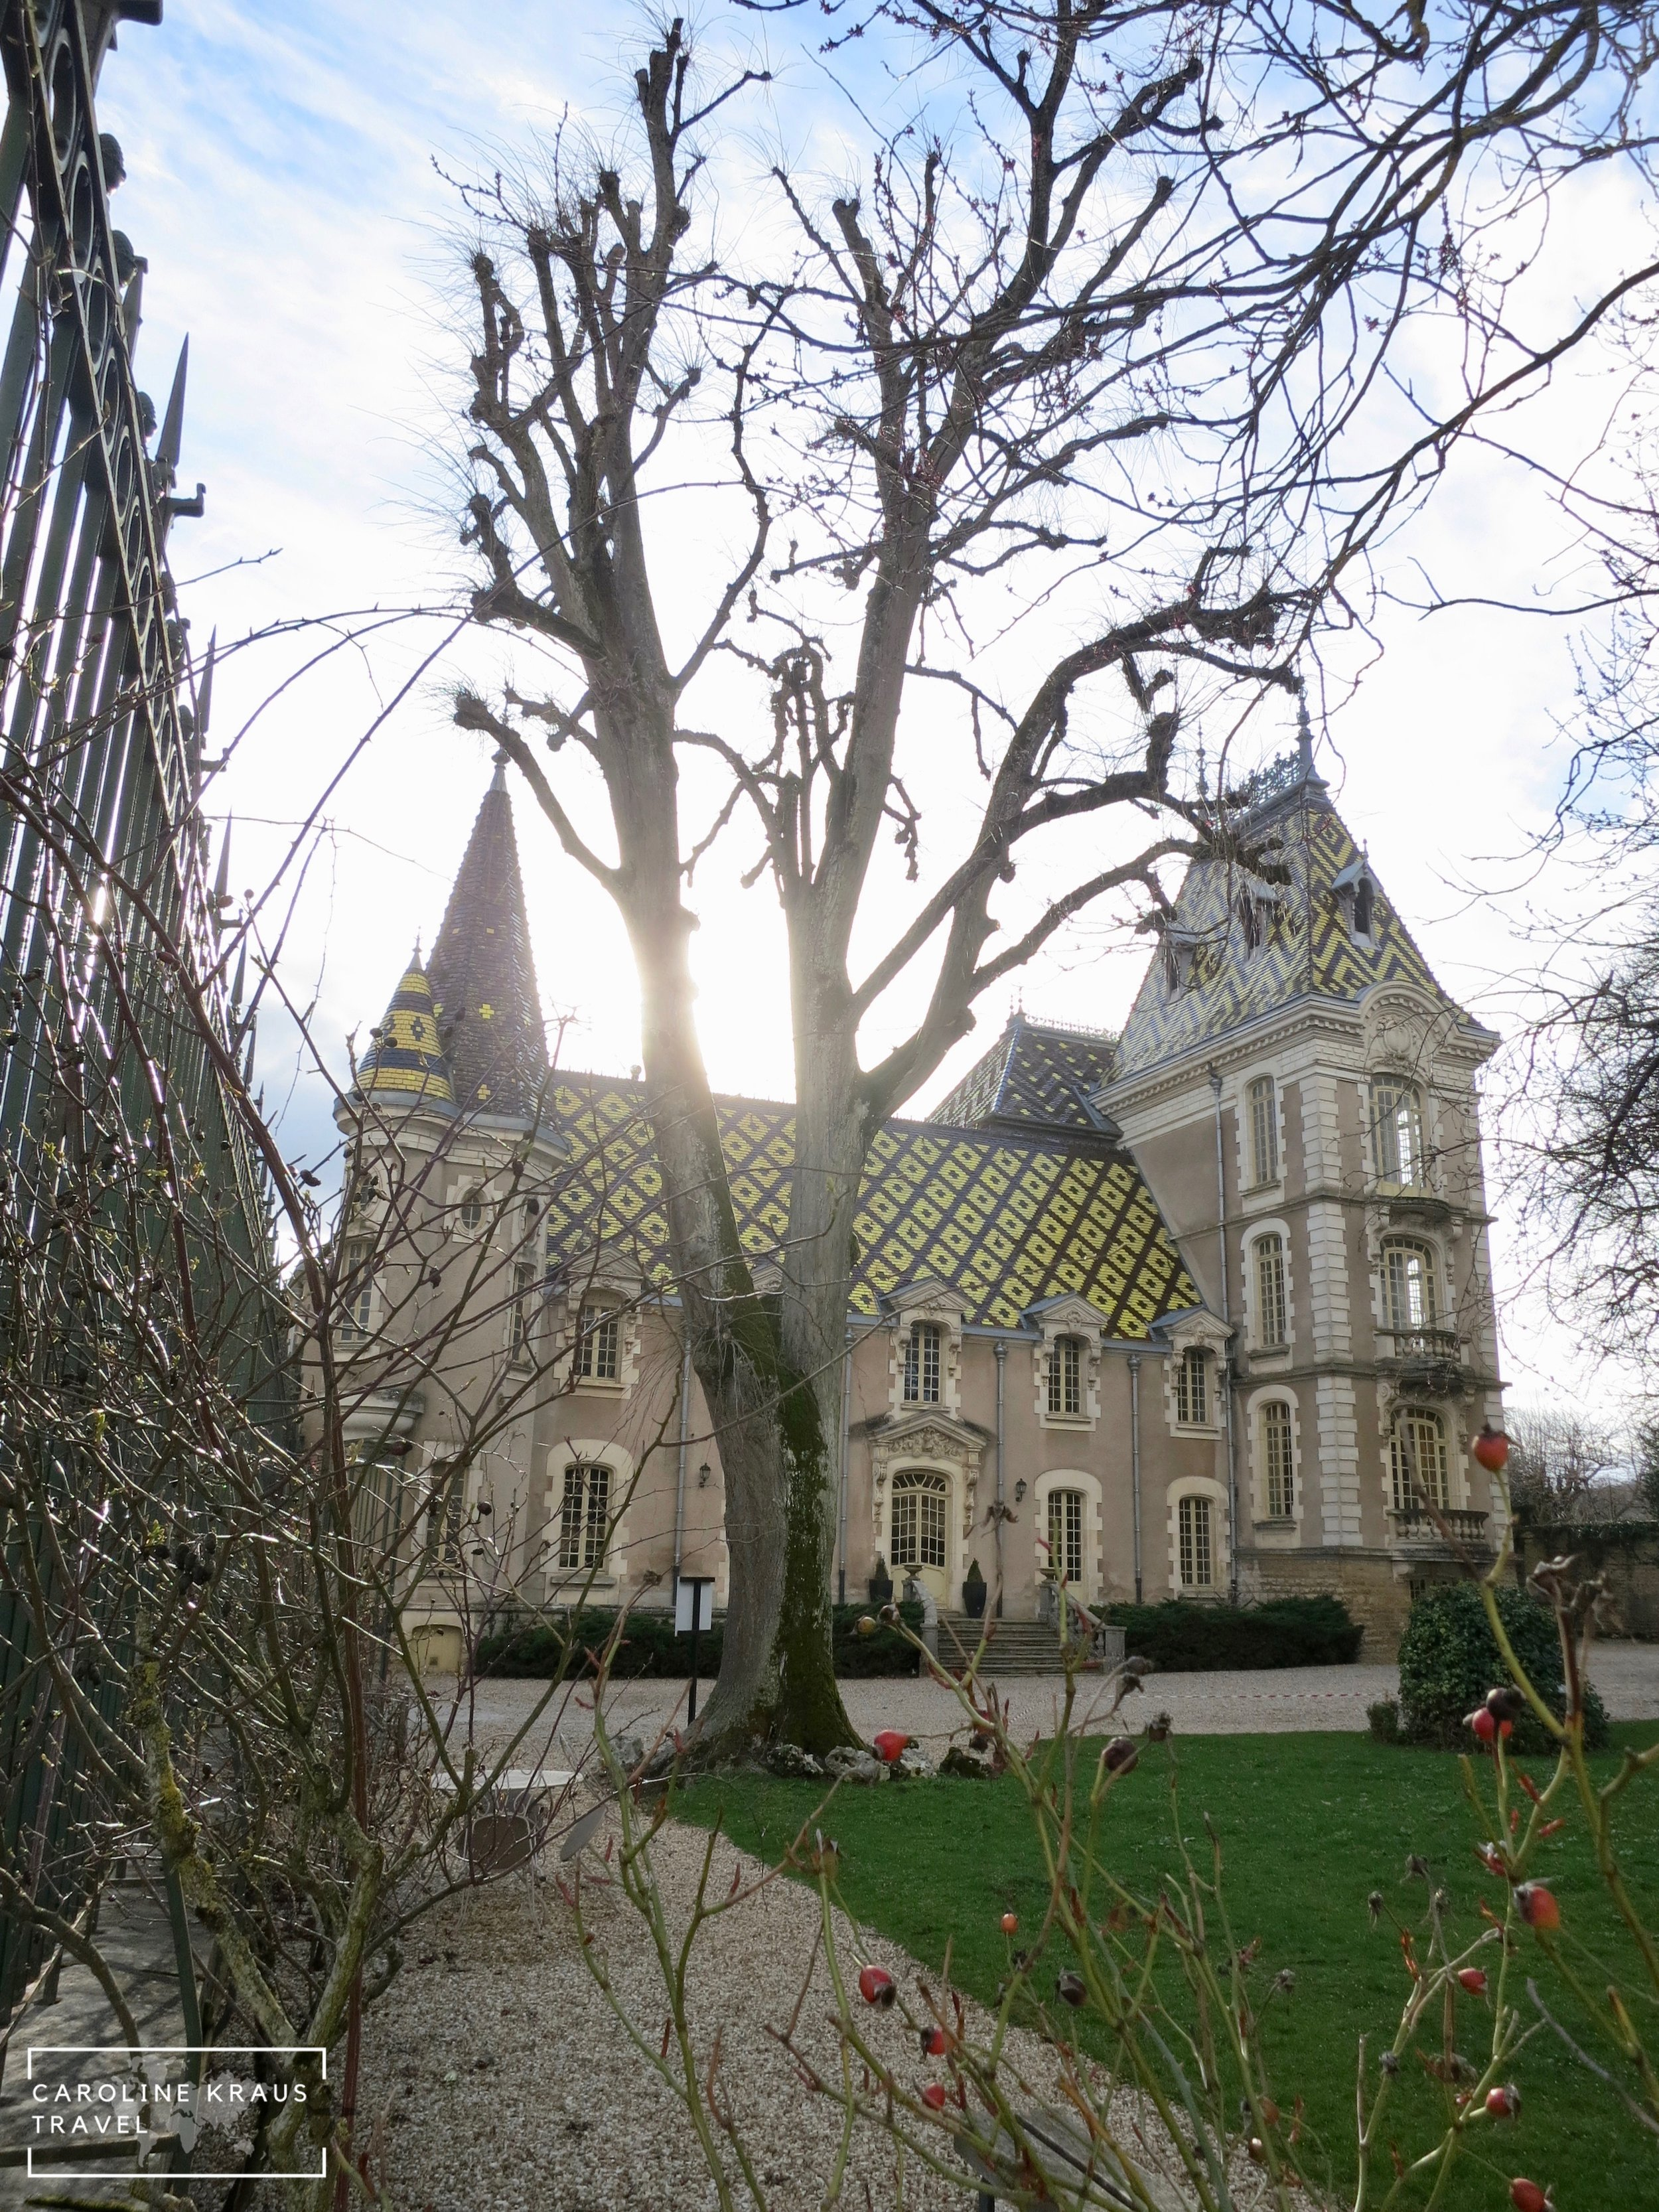 Chateau Corton Andre in Aloxe-Corton